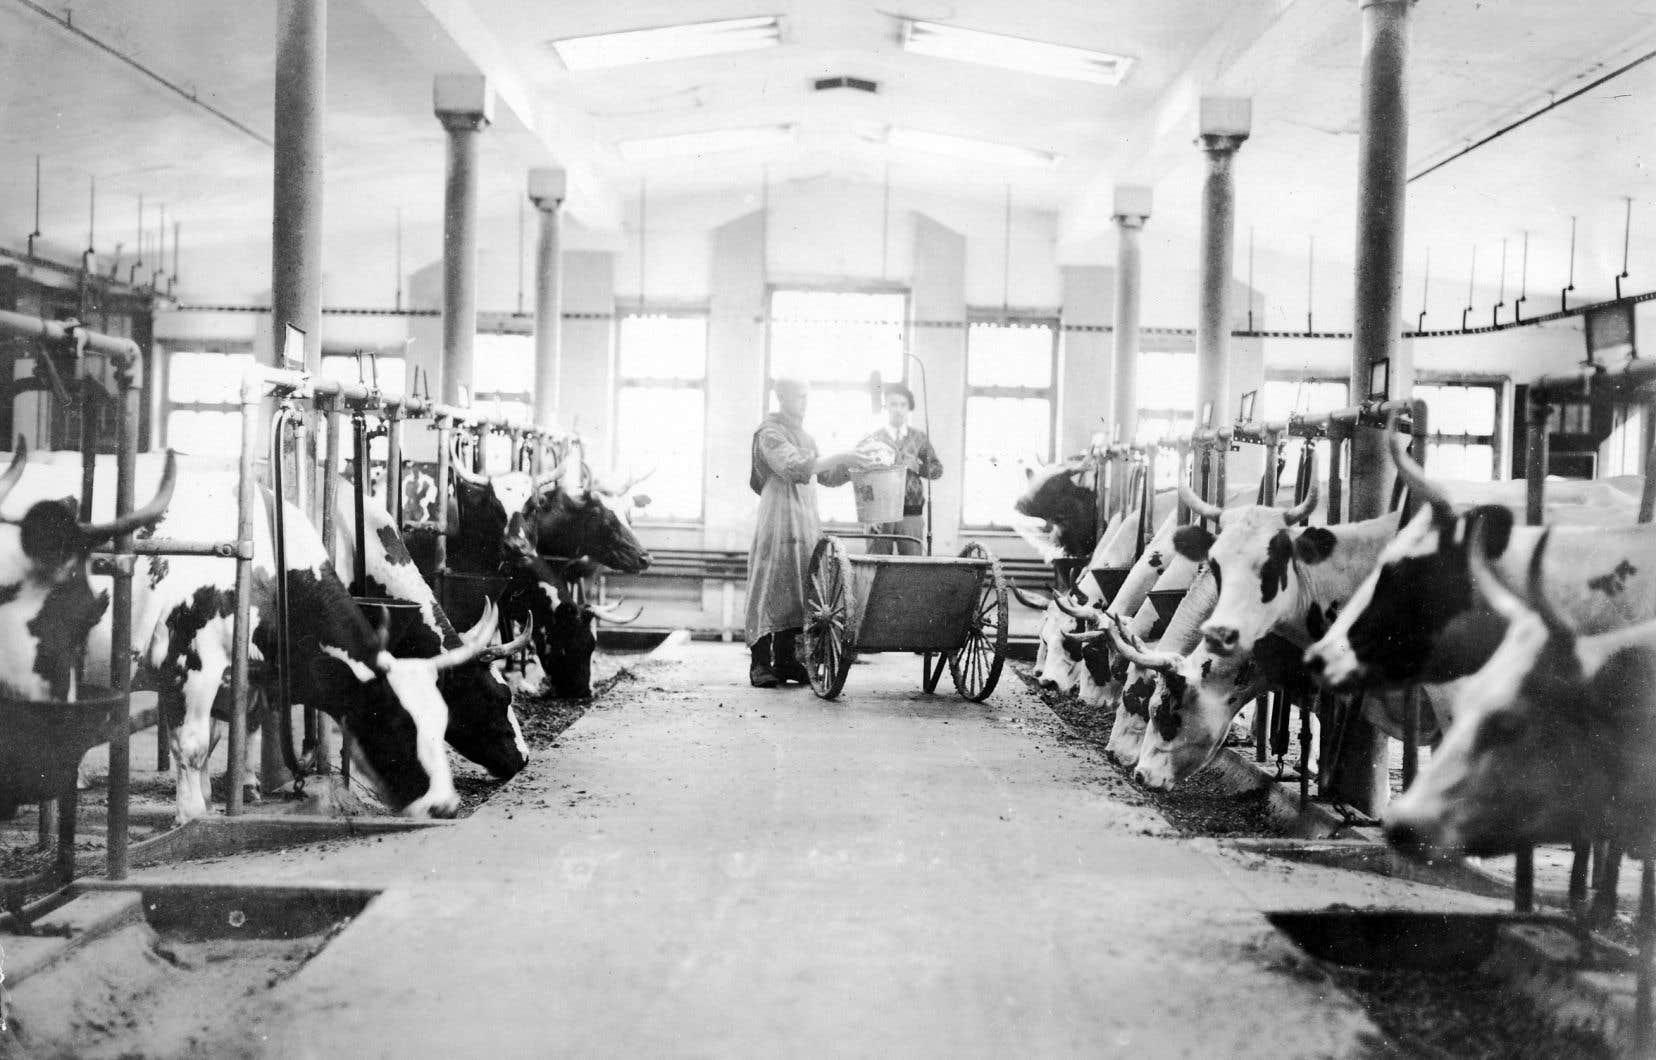 L'étable des moines avec les vaches qui fournissaient le lait nécessaire à la fabrication du célèbre fromage